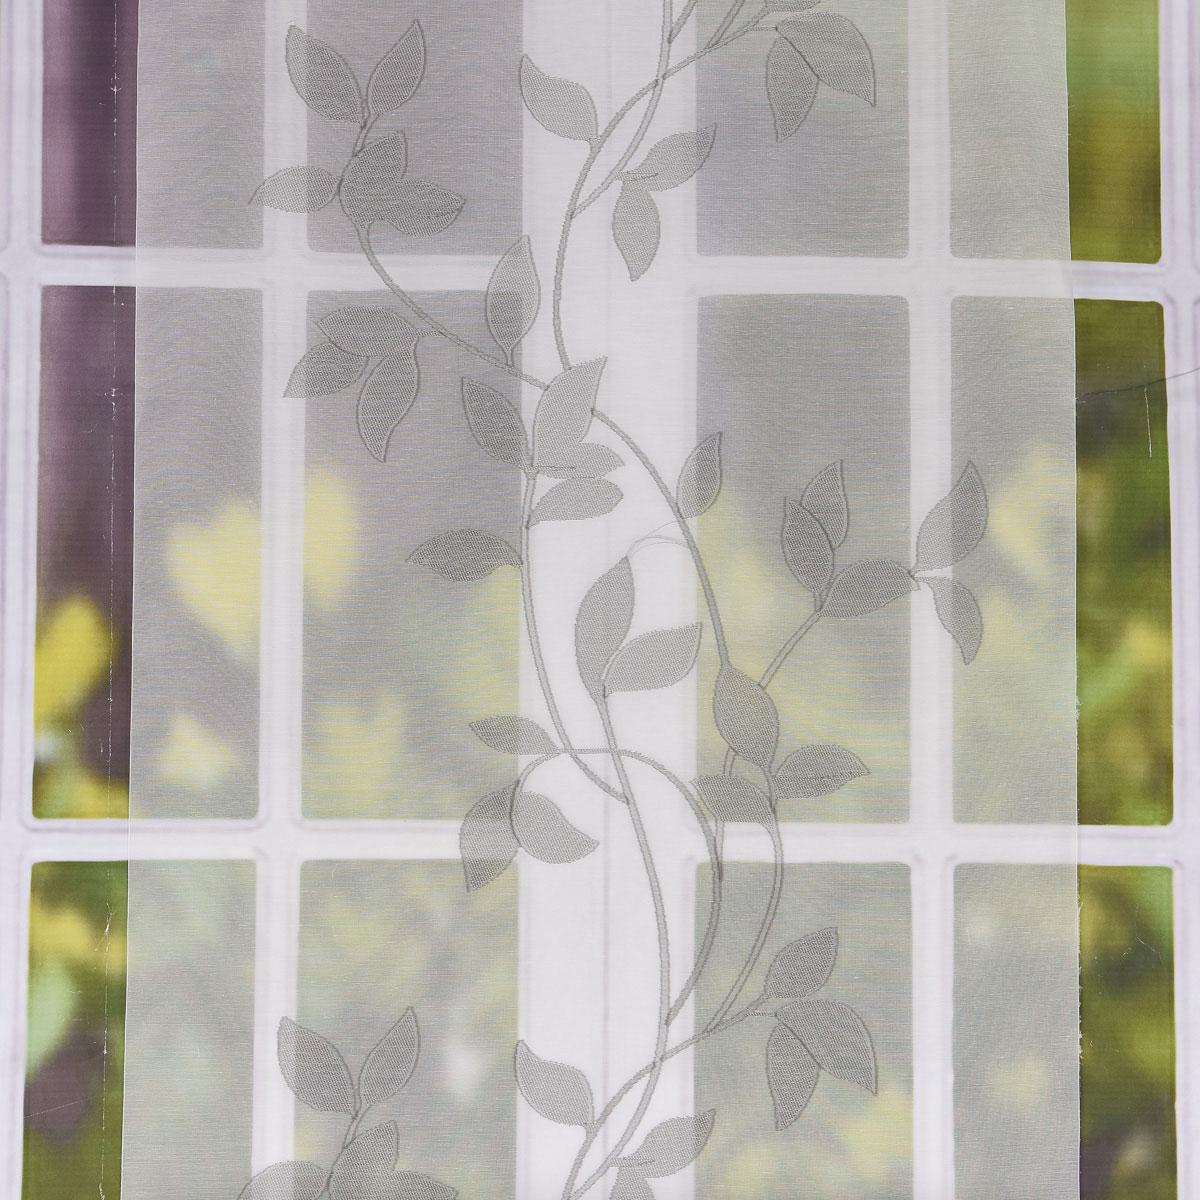 gardine paneele schiebevorhang ecru mit bl tterranken grau 60cm breite alle stoffe stoffe. Black Bedroom Furniture Sets. Home Design Ideas